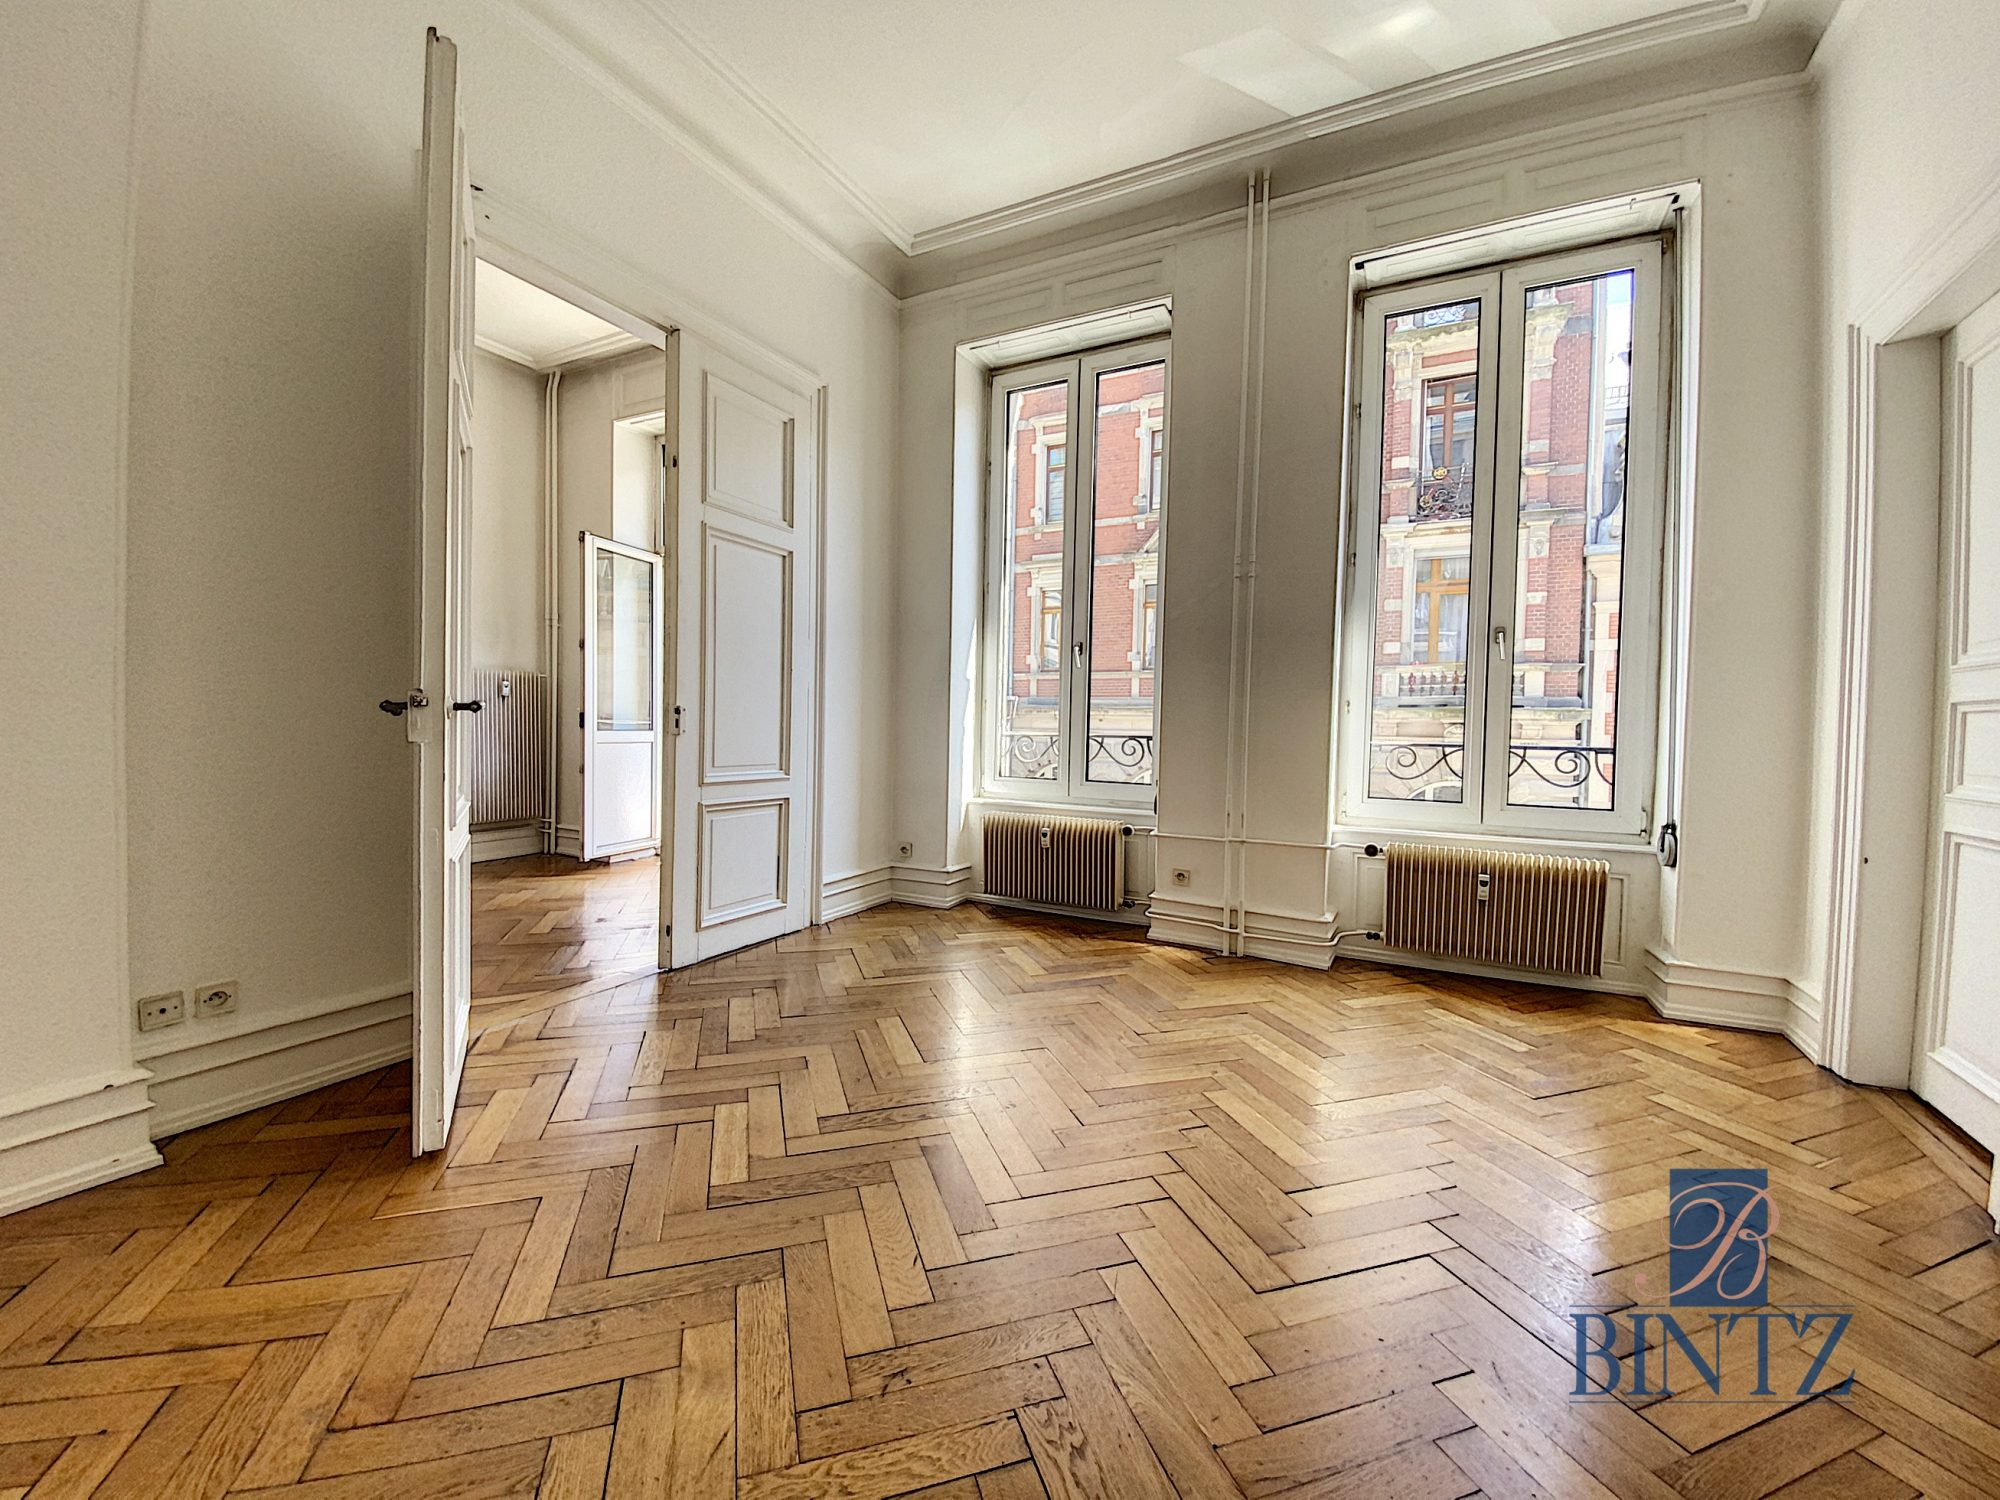 BEAU 4 PIÈCES SECTEUR FORET NOIRE - Devenez locataire en toute sérénité - Bintz Immobilier - 1